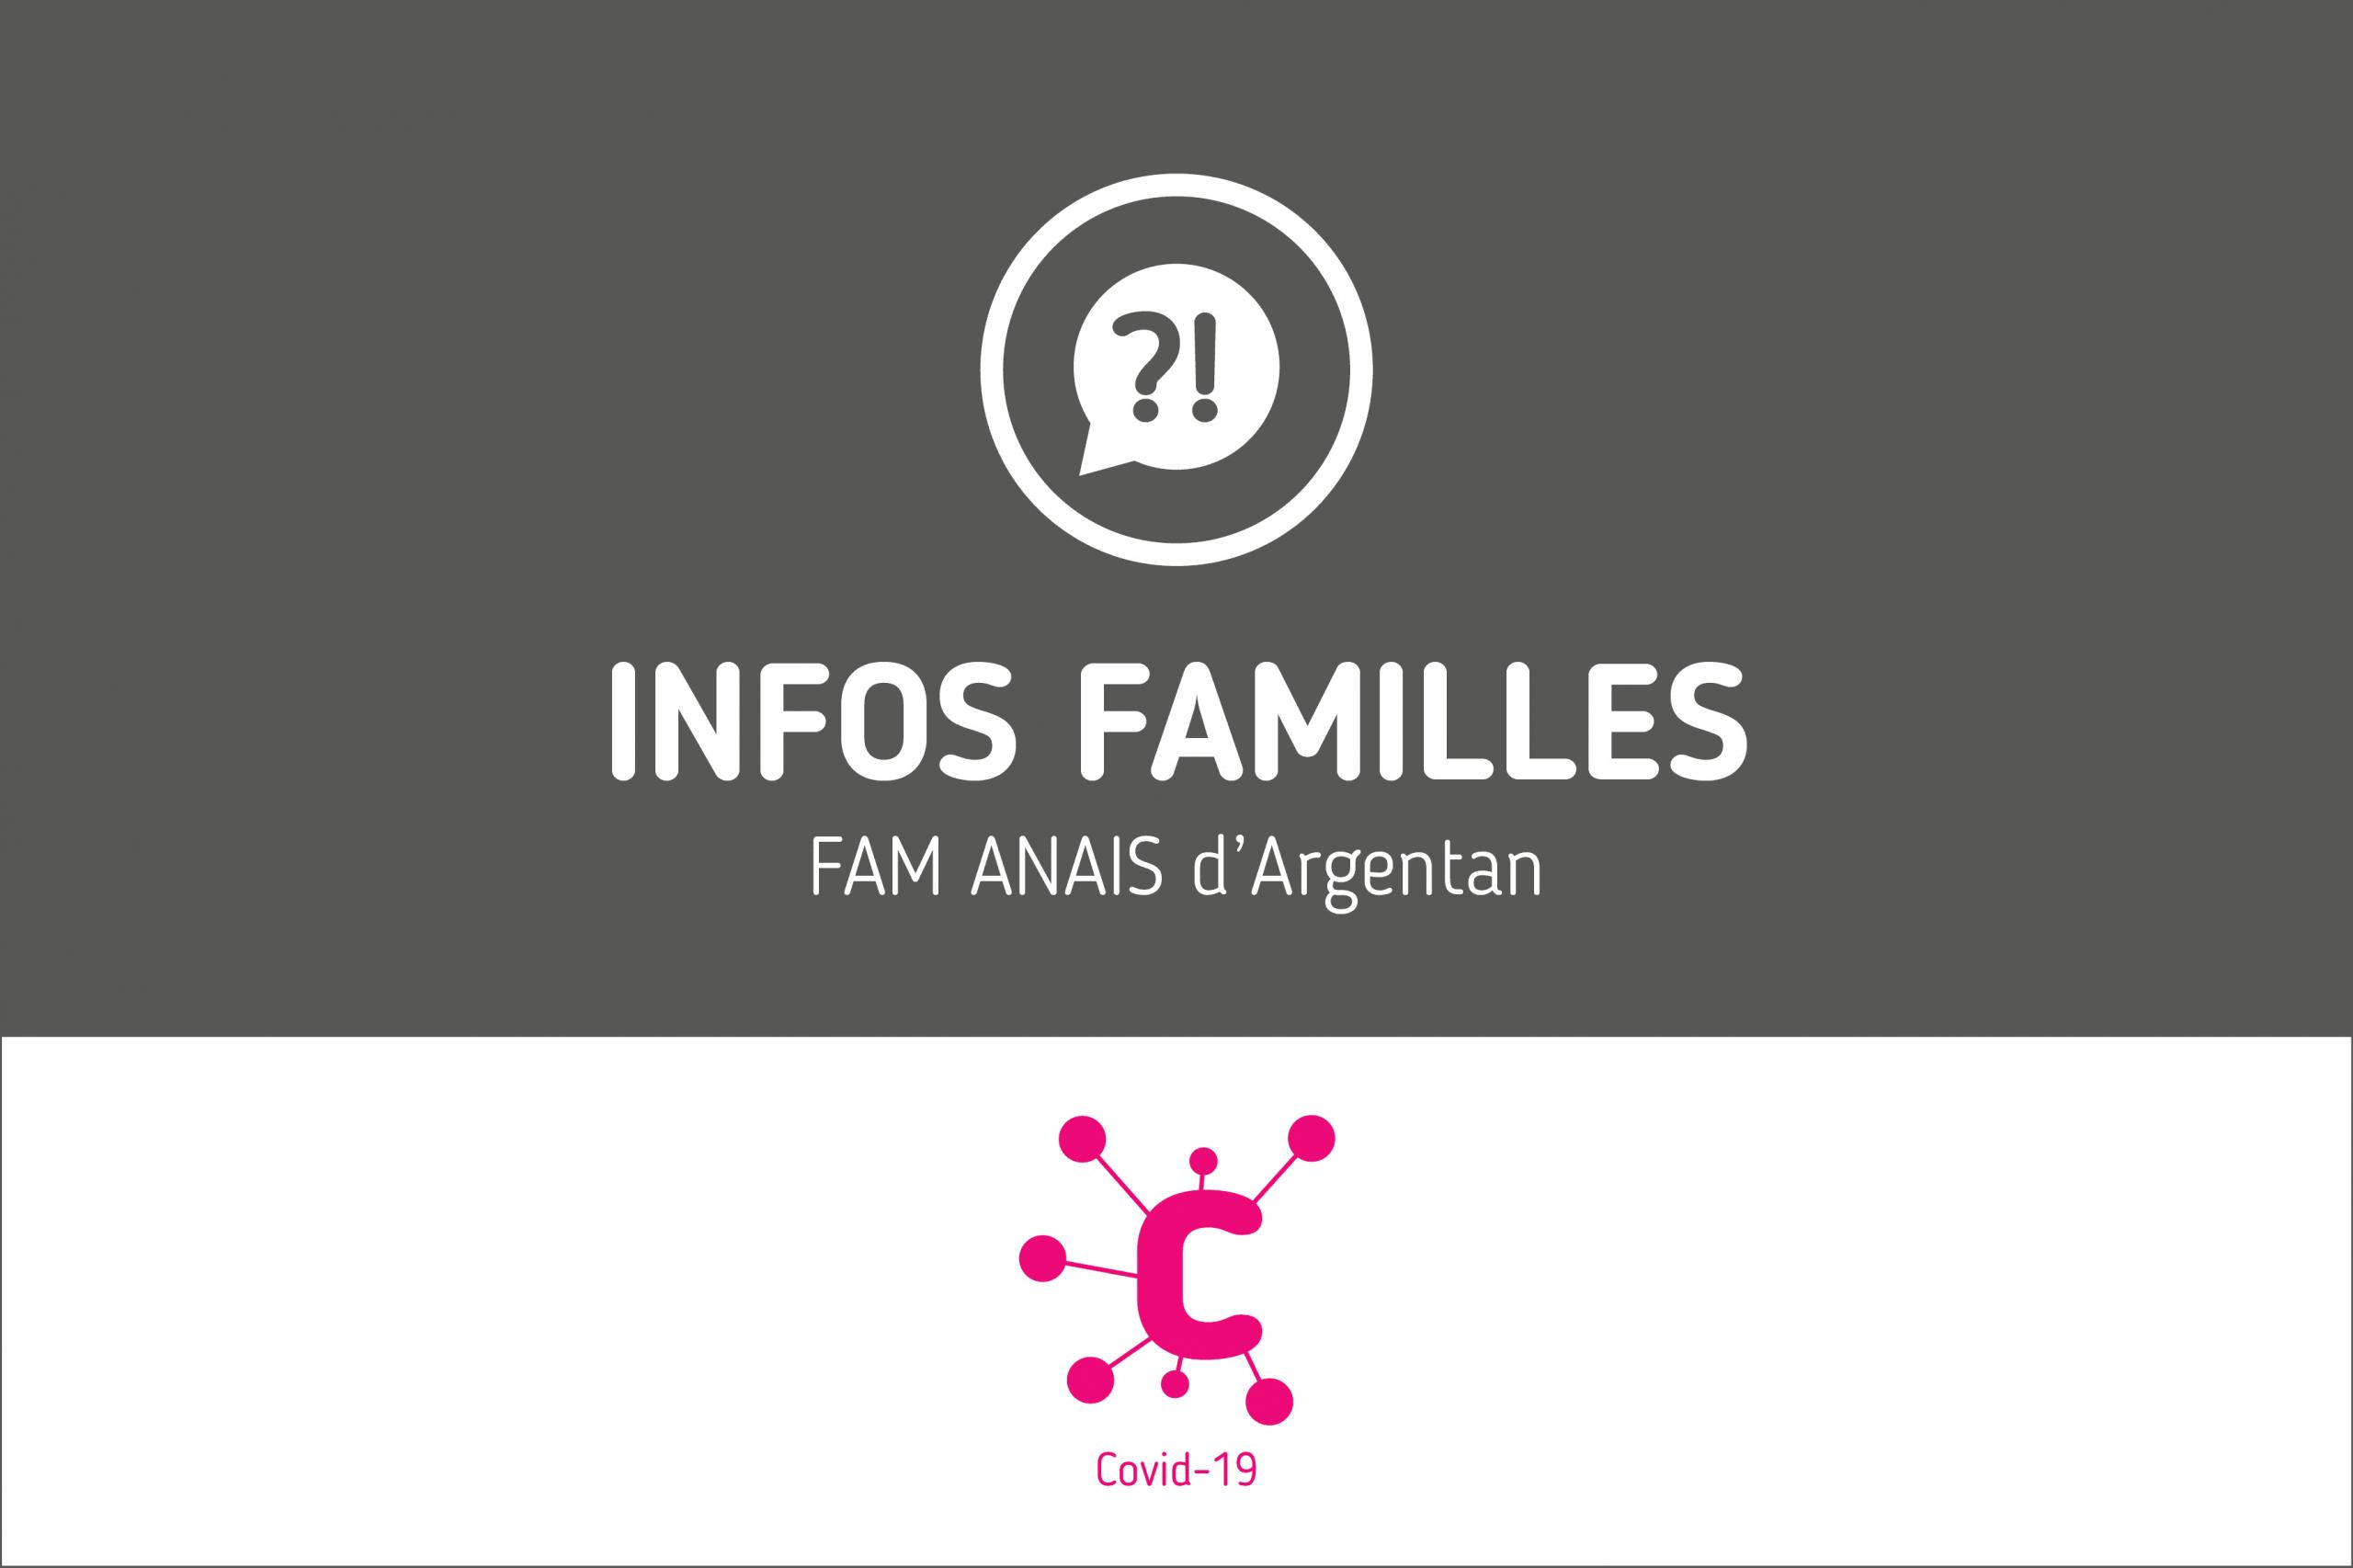 Protégé: Infos Familles – FAM ANAIS d'Argentan